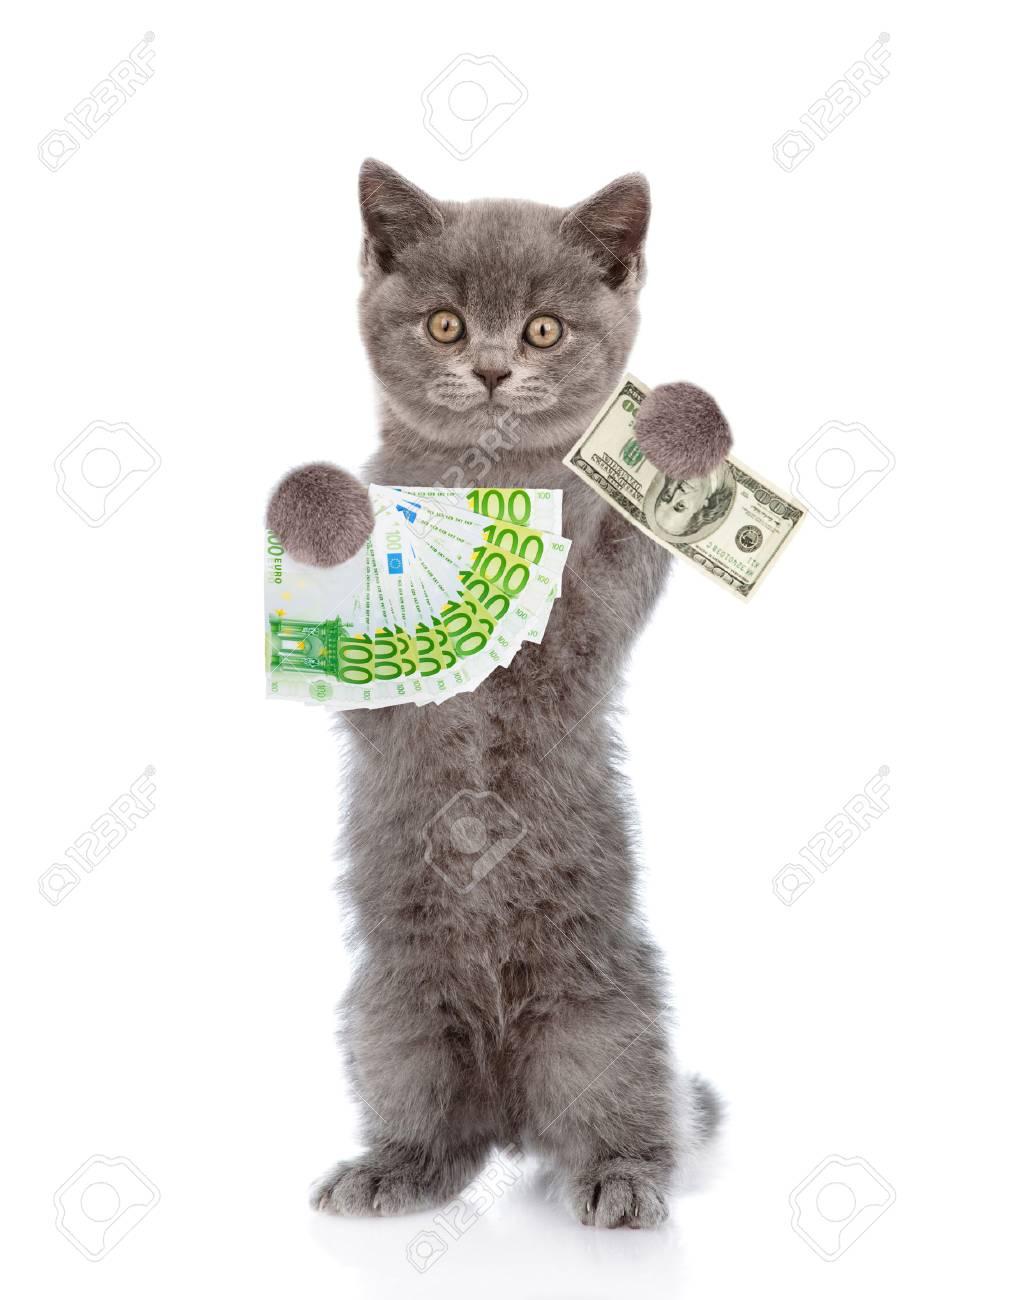 """Résultat de recherche d'images pour """"chat argent"""""""